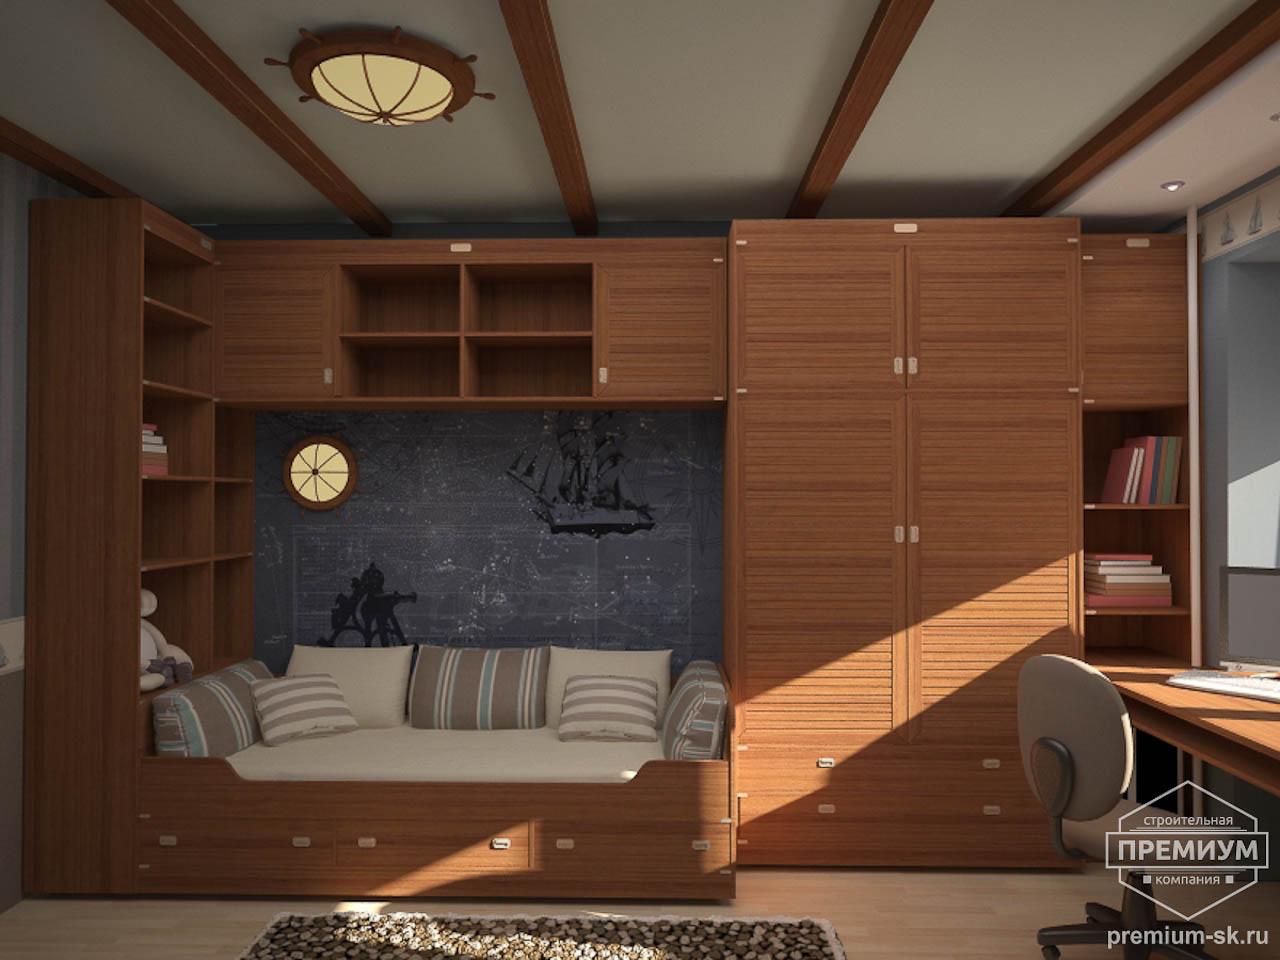 Дизайн интерьера детской по ул. Фролова 31 img753341323